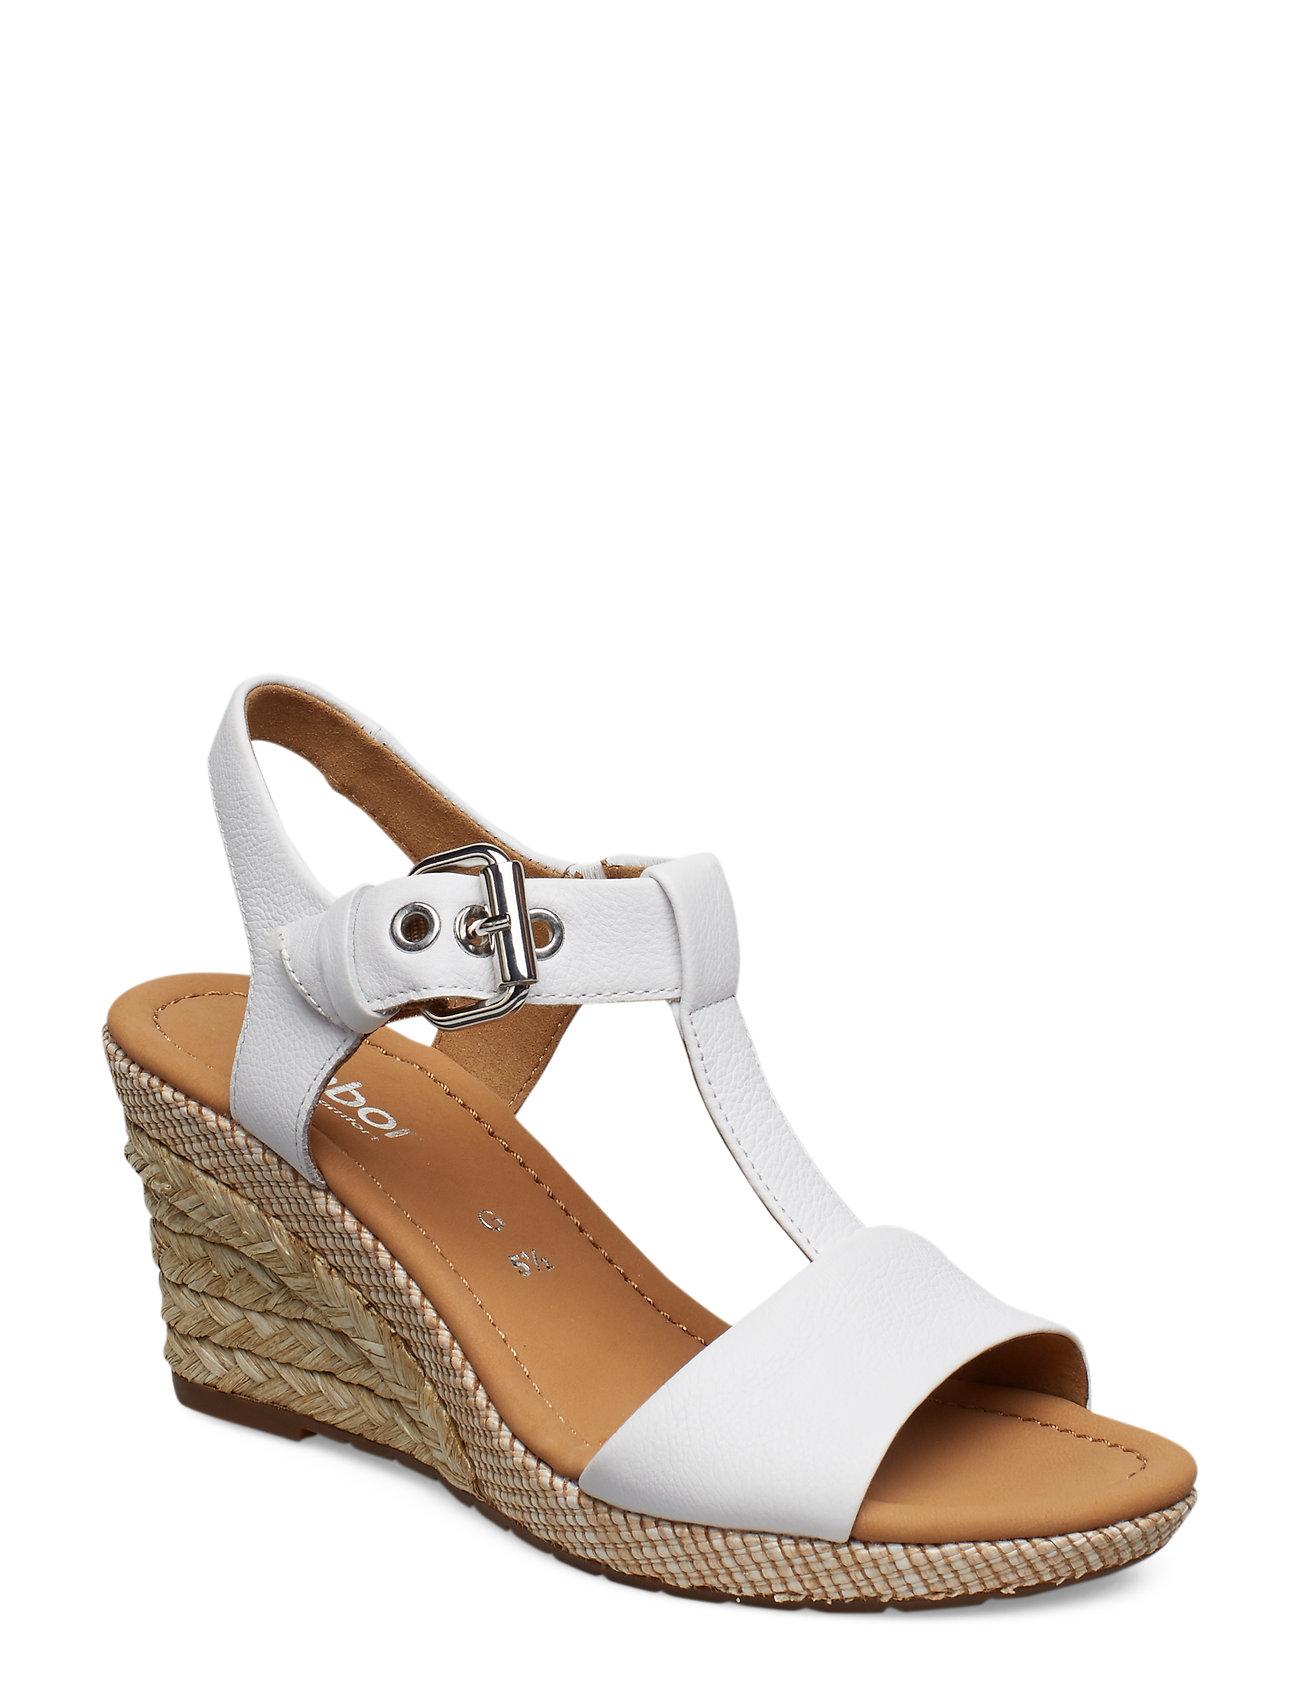 cfcae8662c7c Gabor espadrillos med kilehæl – Sling Sandals til dame i Hvid ...